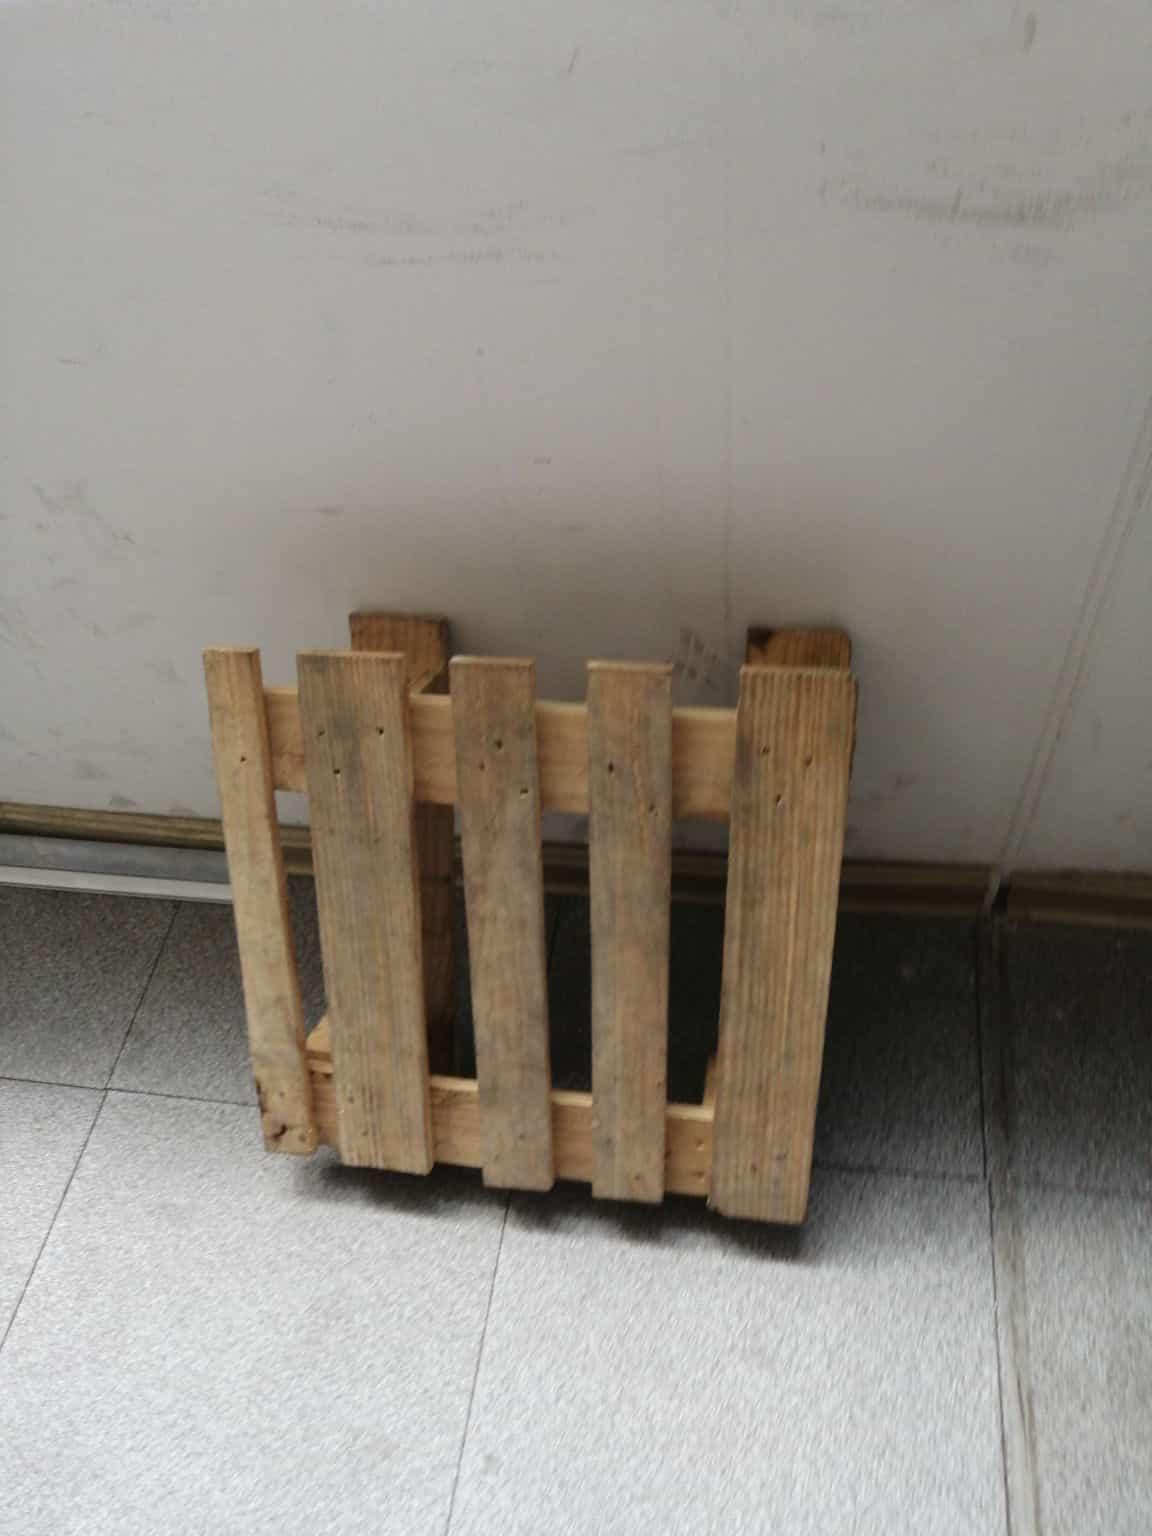 临汾松木木托盘厂价??,╢☭┚☏▃贵如果说到冬天或者初春那么再说